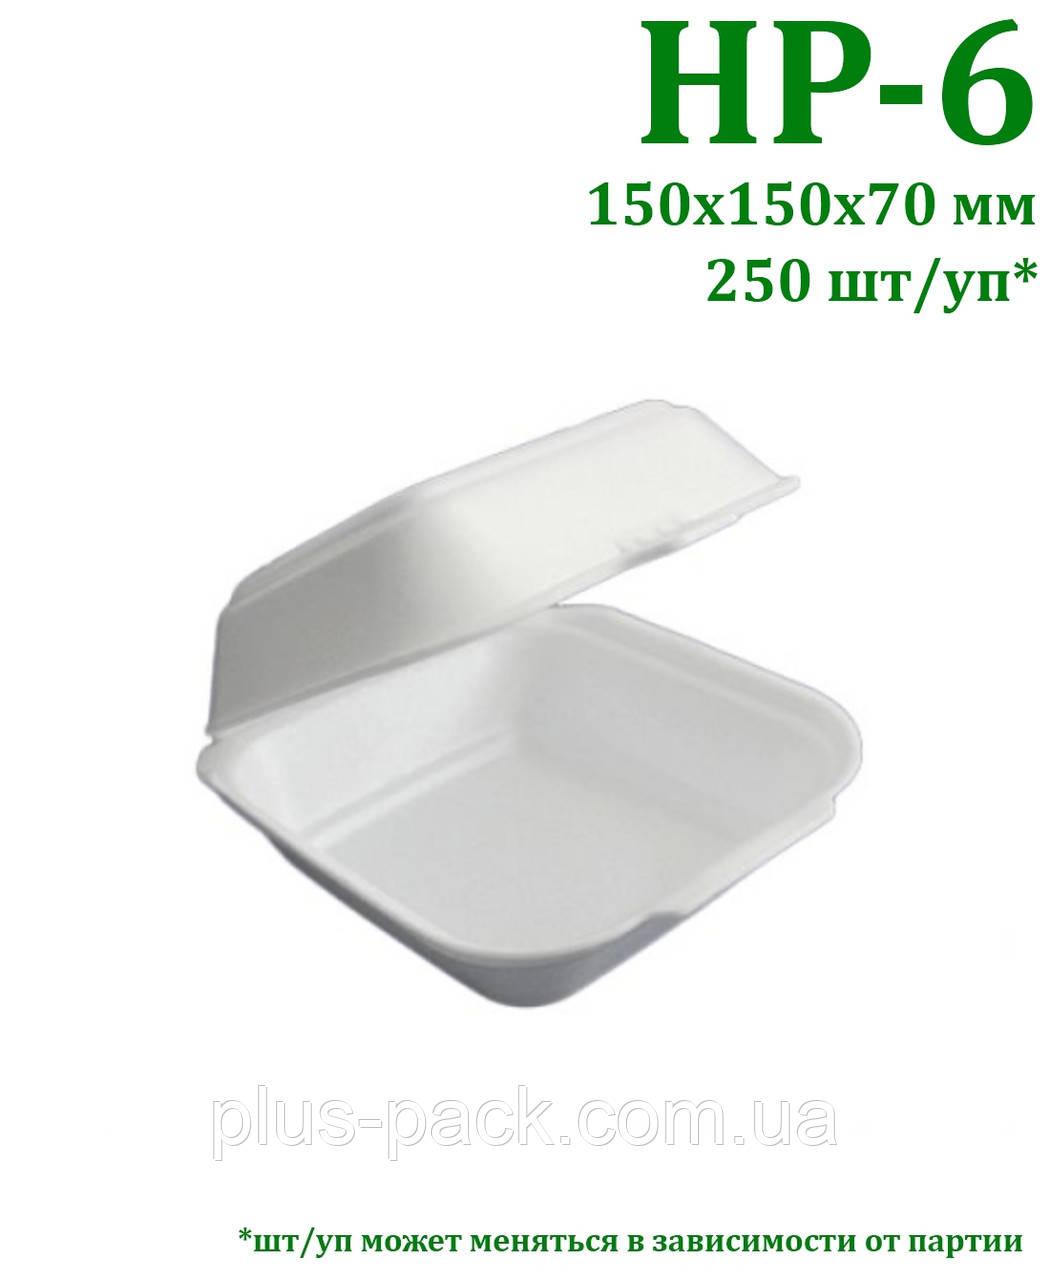 Ланчбокс (сэндвич) из вспененного полистирола, 250шт/уп